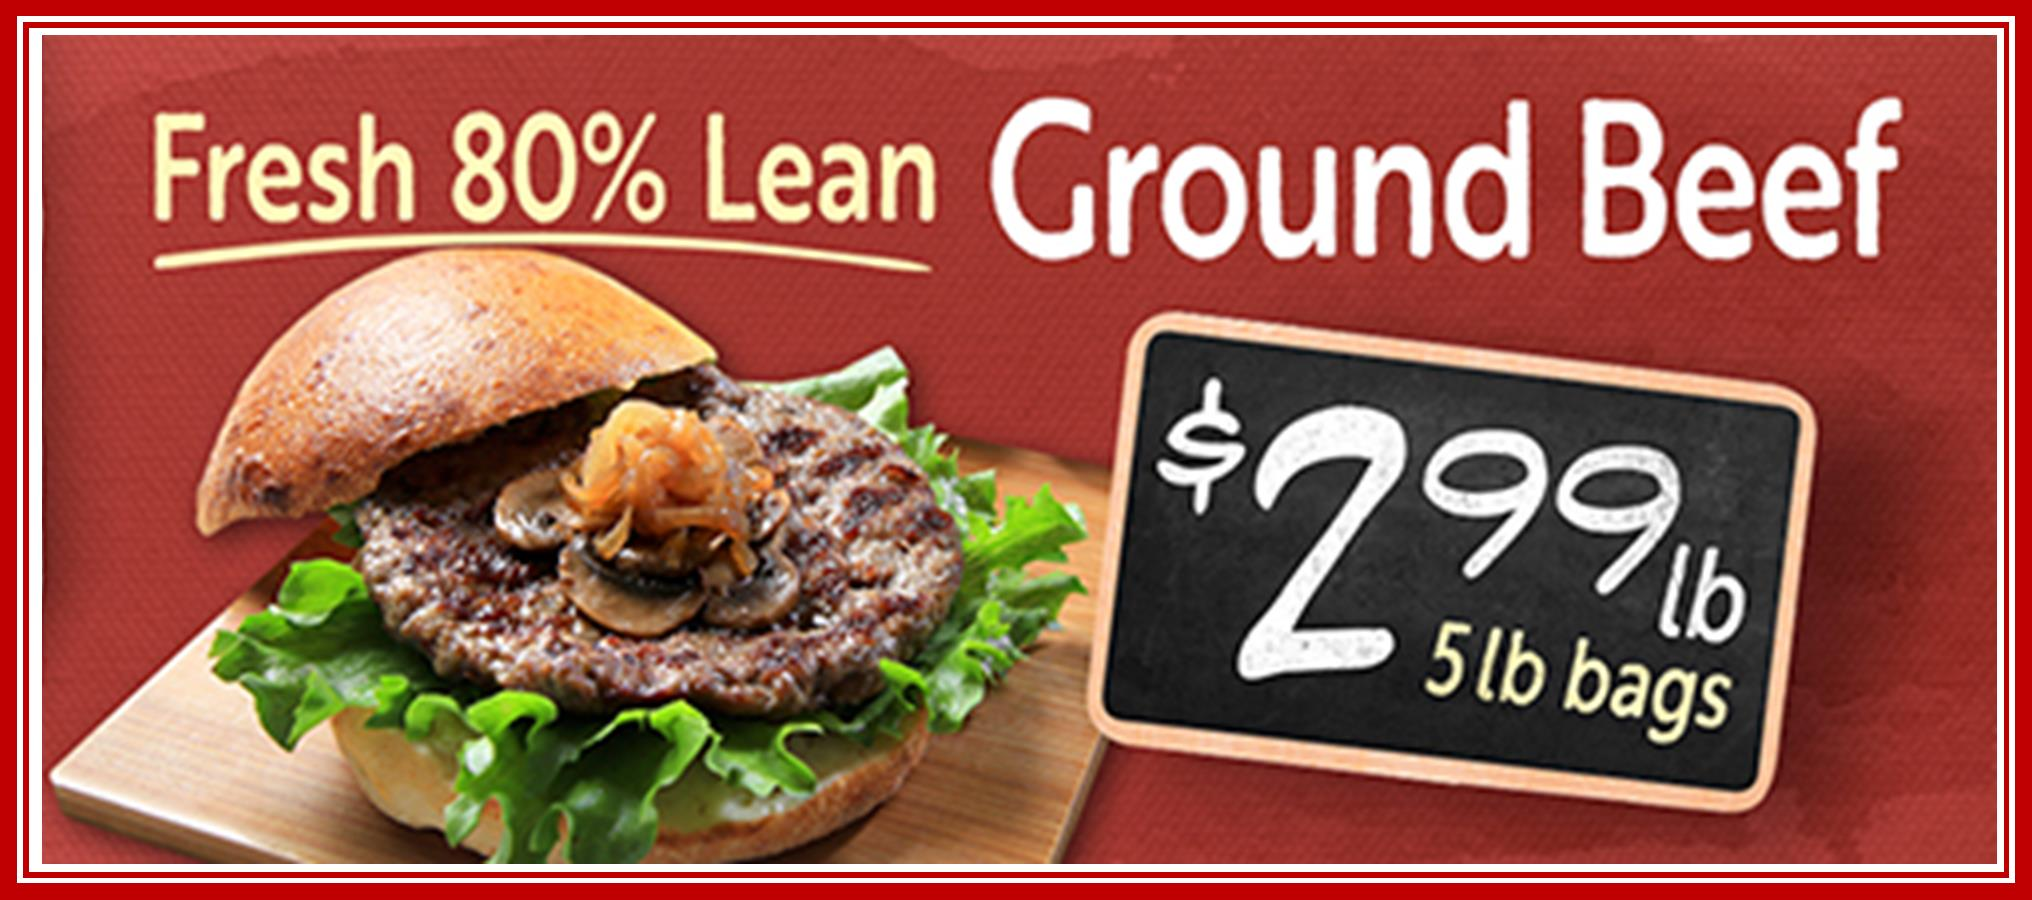 Ground Beef 2.99 Red.jpg